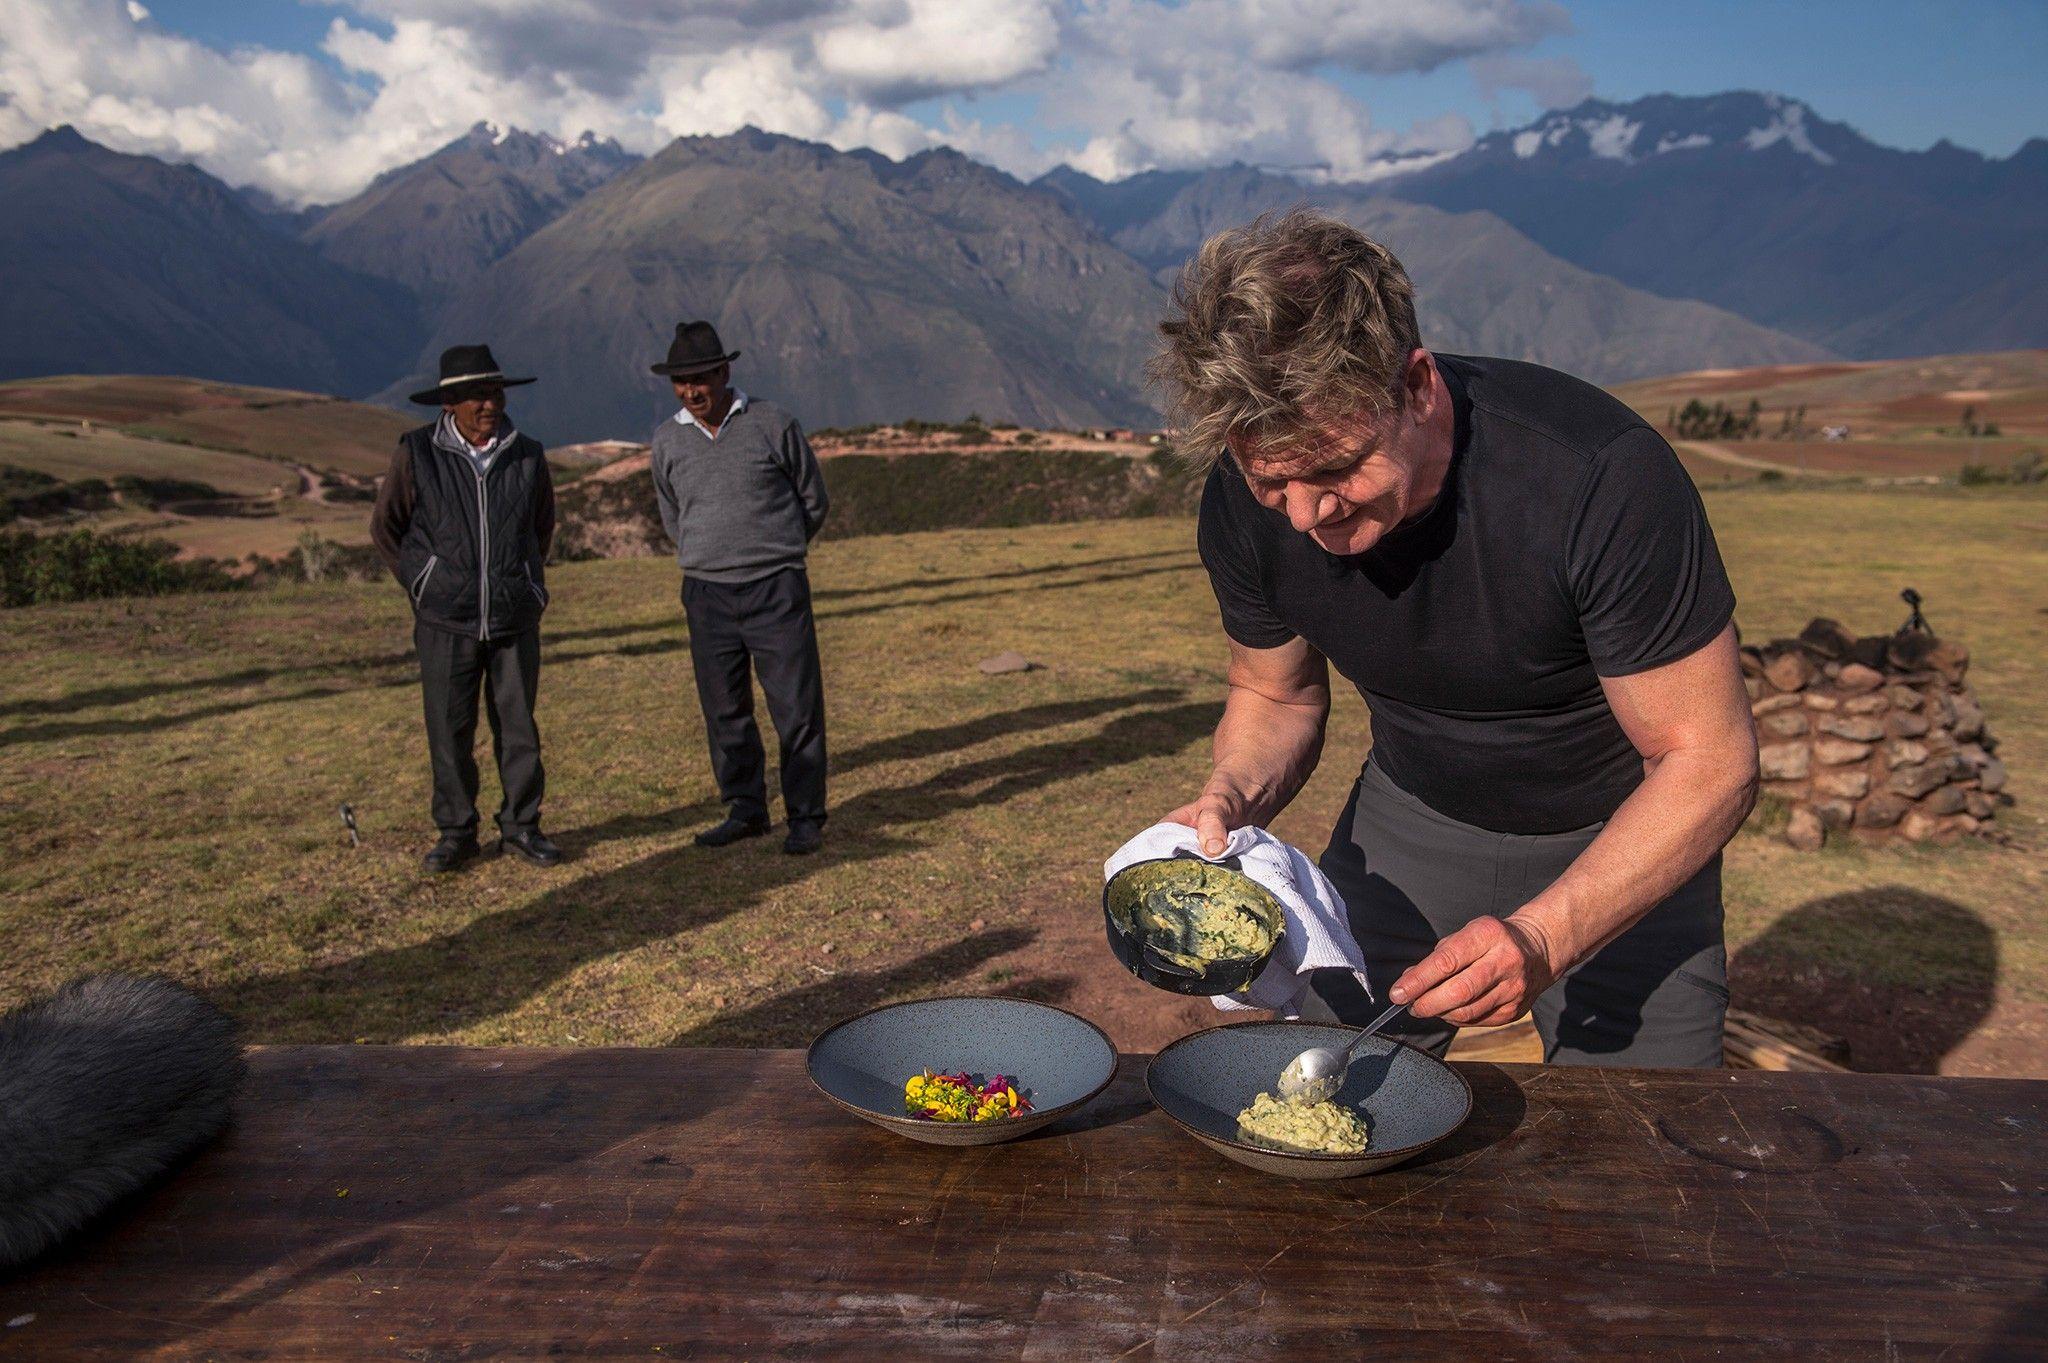 Suivez Gordon Ramsay dans son voyage gastronomique à travers le monde | National Geographic